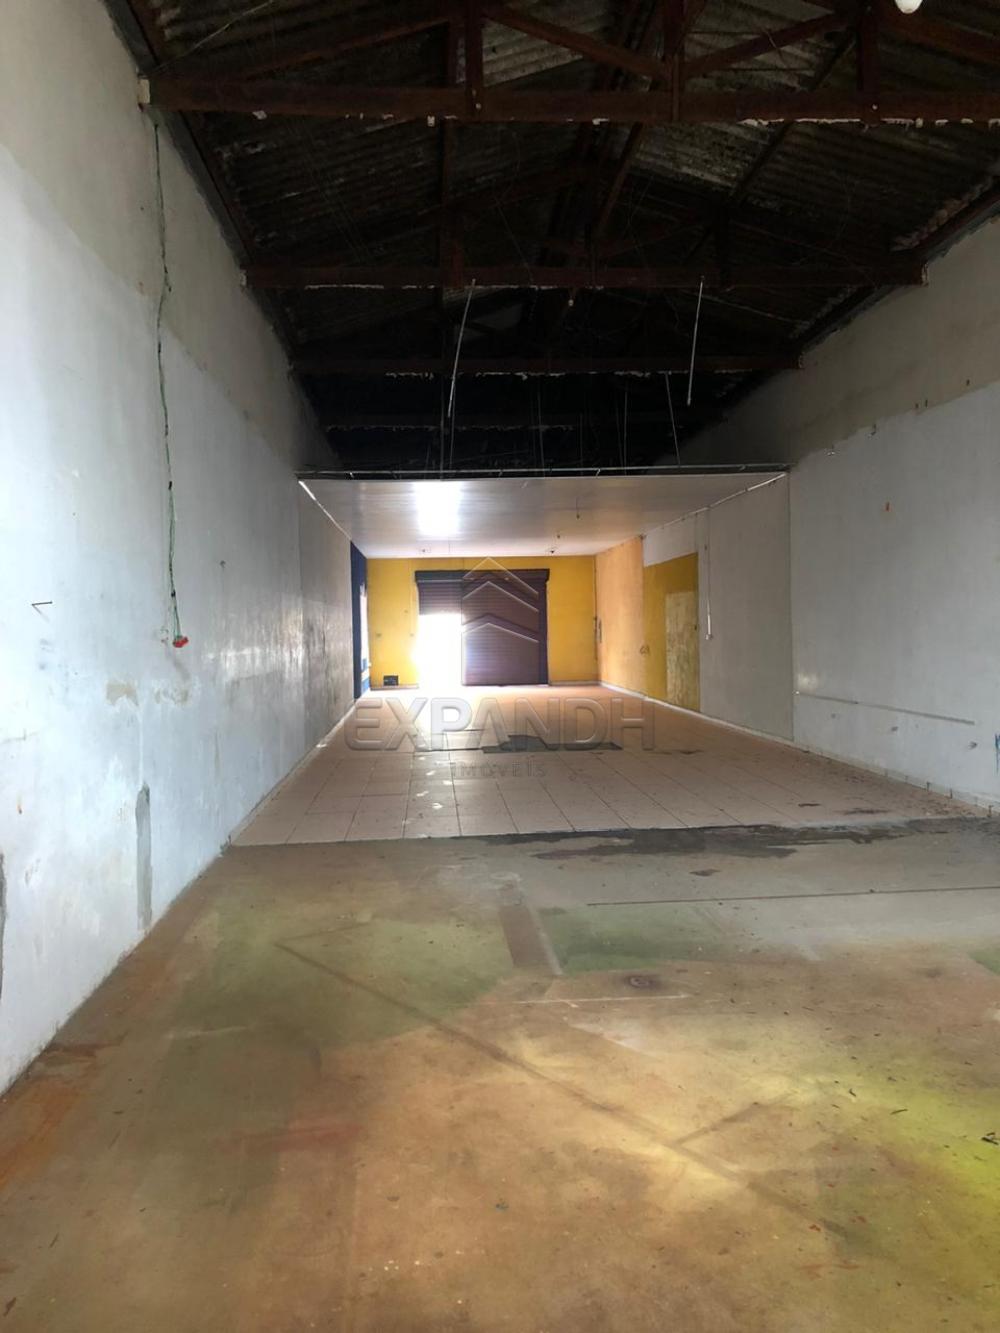 Alugar Comerciais / Salão em Sertãozinho apenas R$ 1.500,00 - Foto 3